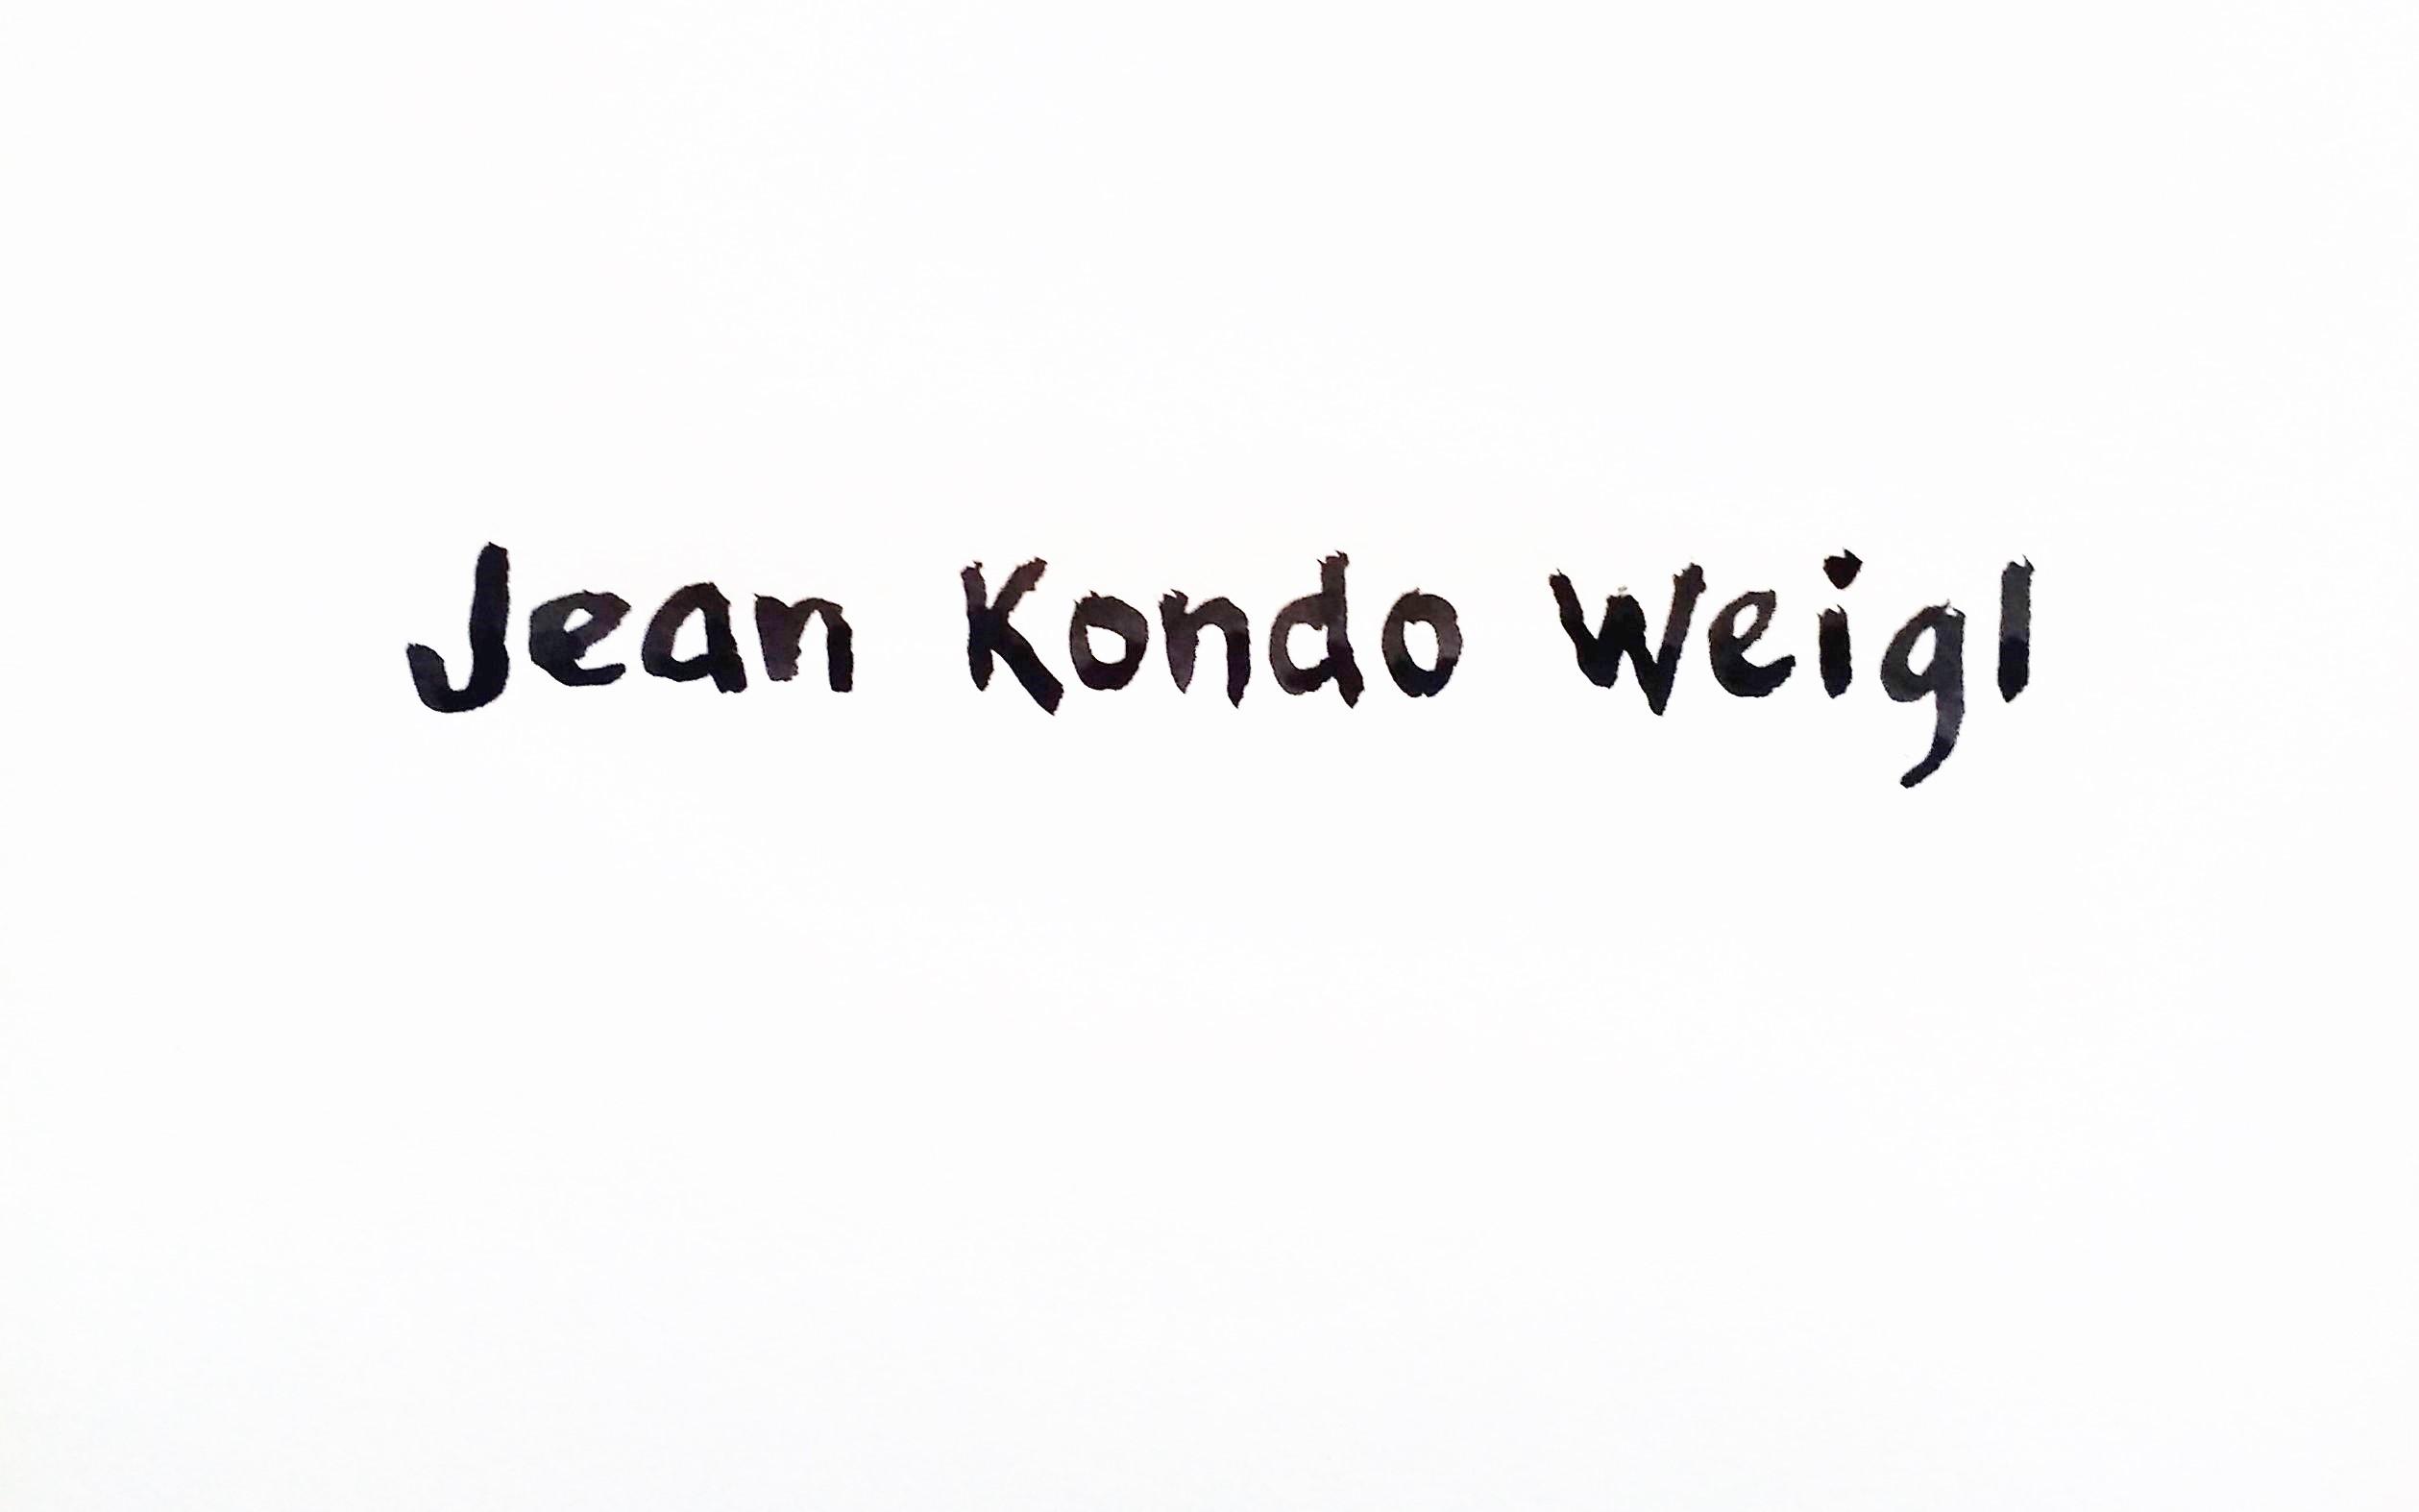 Jean Kondo Weigl's Signature